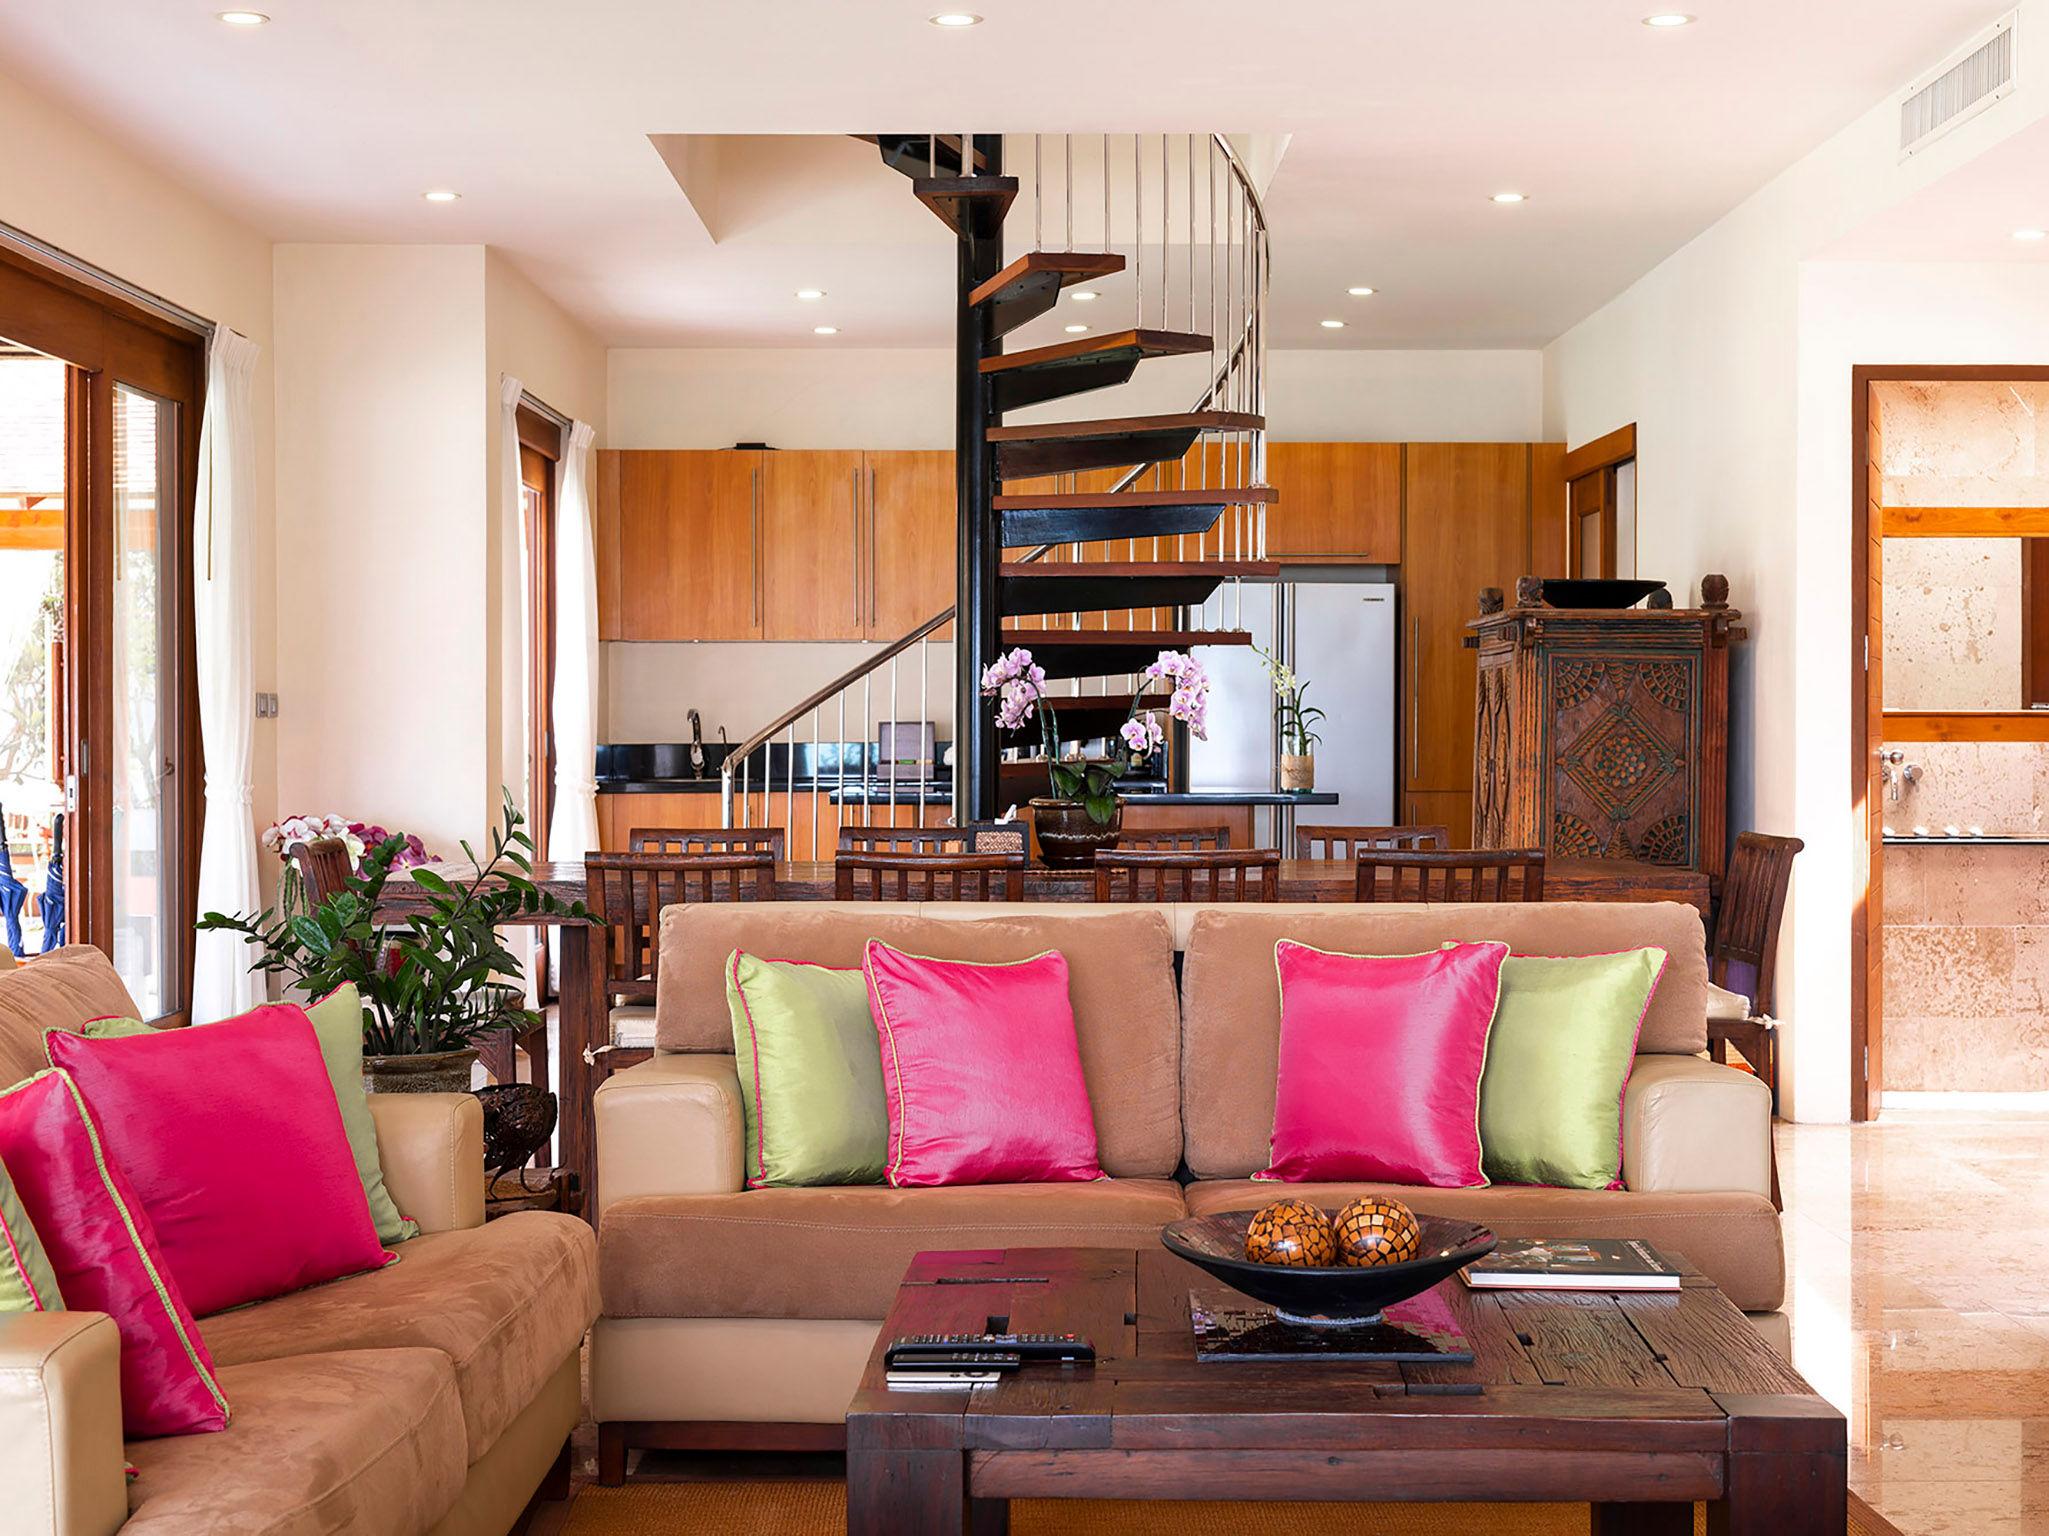 Tawantok Beach Villas - Villa 2 - Living room layout